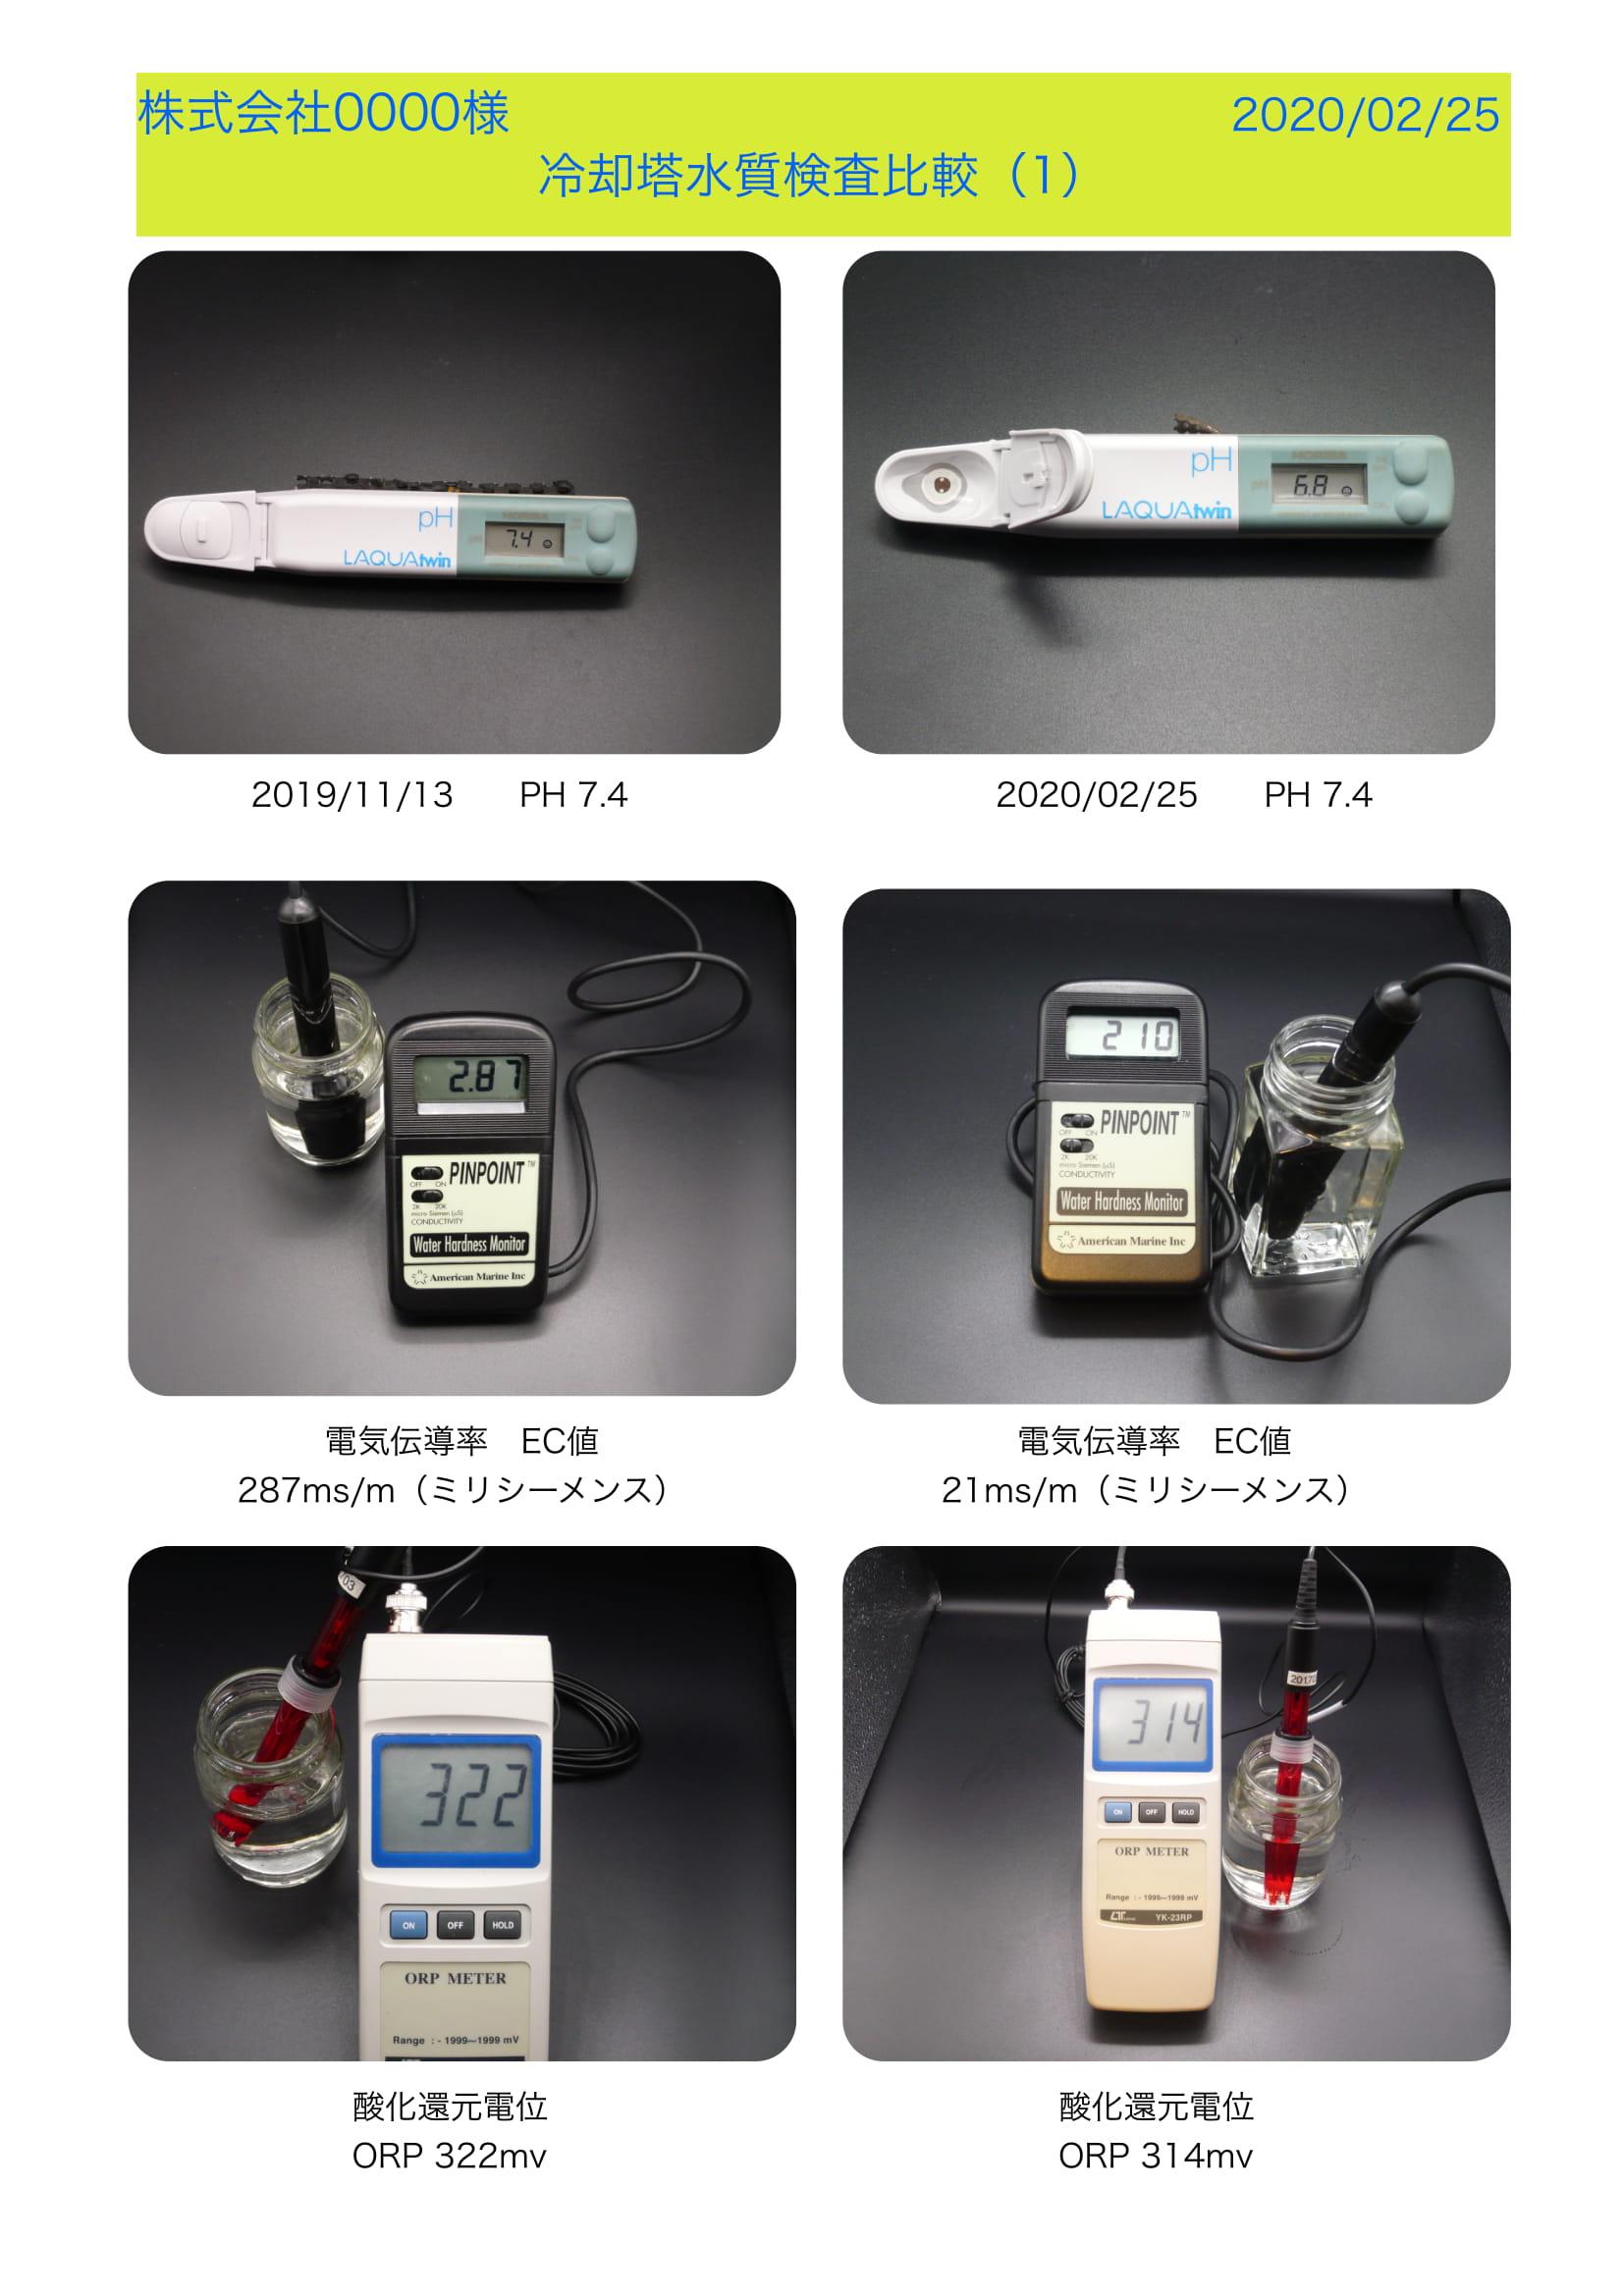 00様水質検査比較(1)-1 2